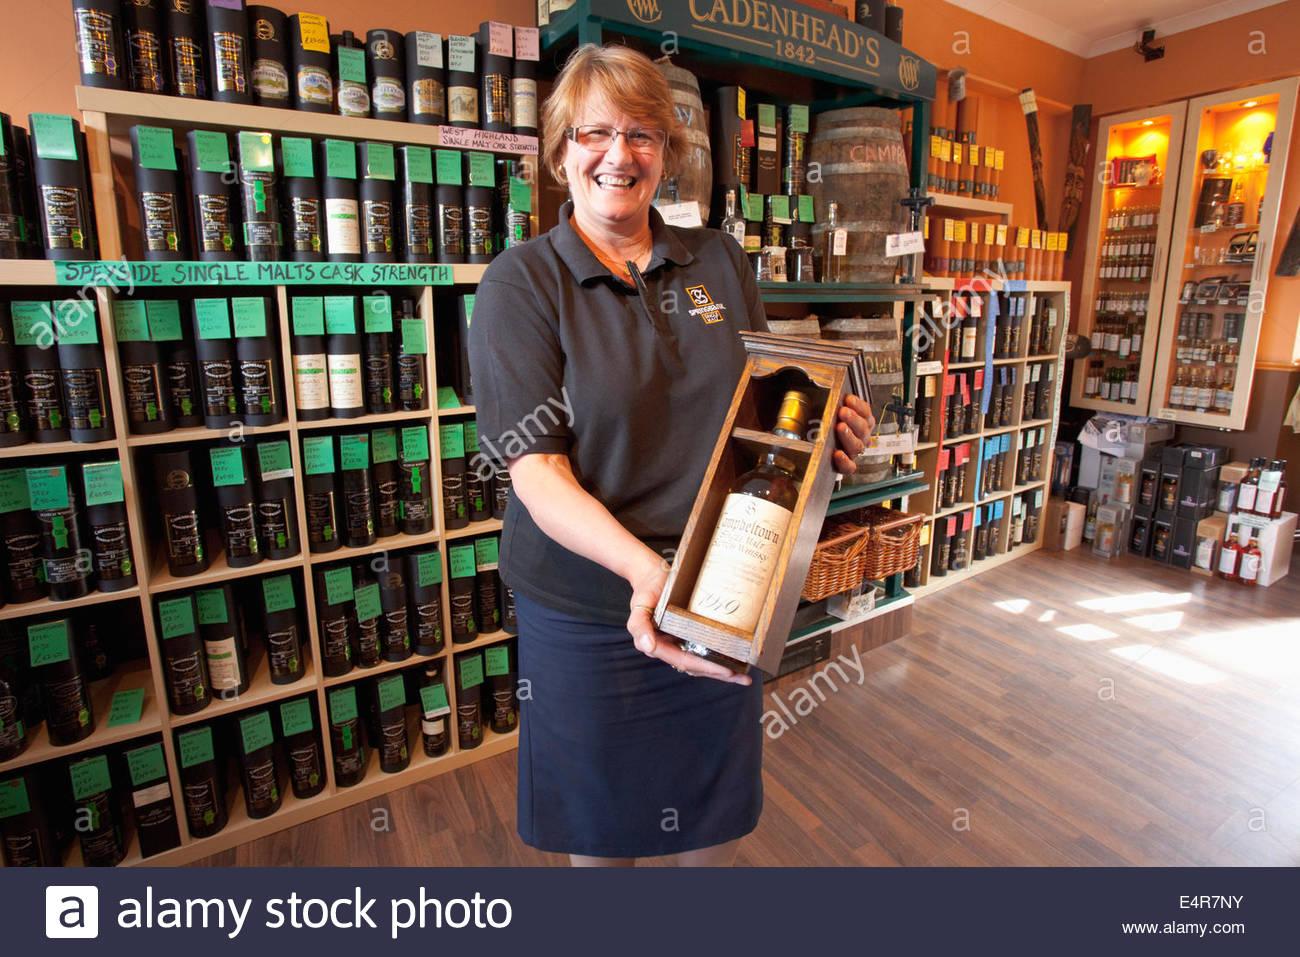 Le vendeur pose pour une photo avec une bouteille de whisky single malt 1919 évalué à 50 000 livres Photo Stock